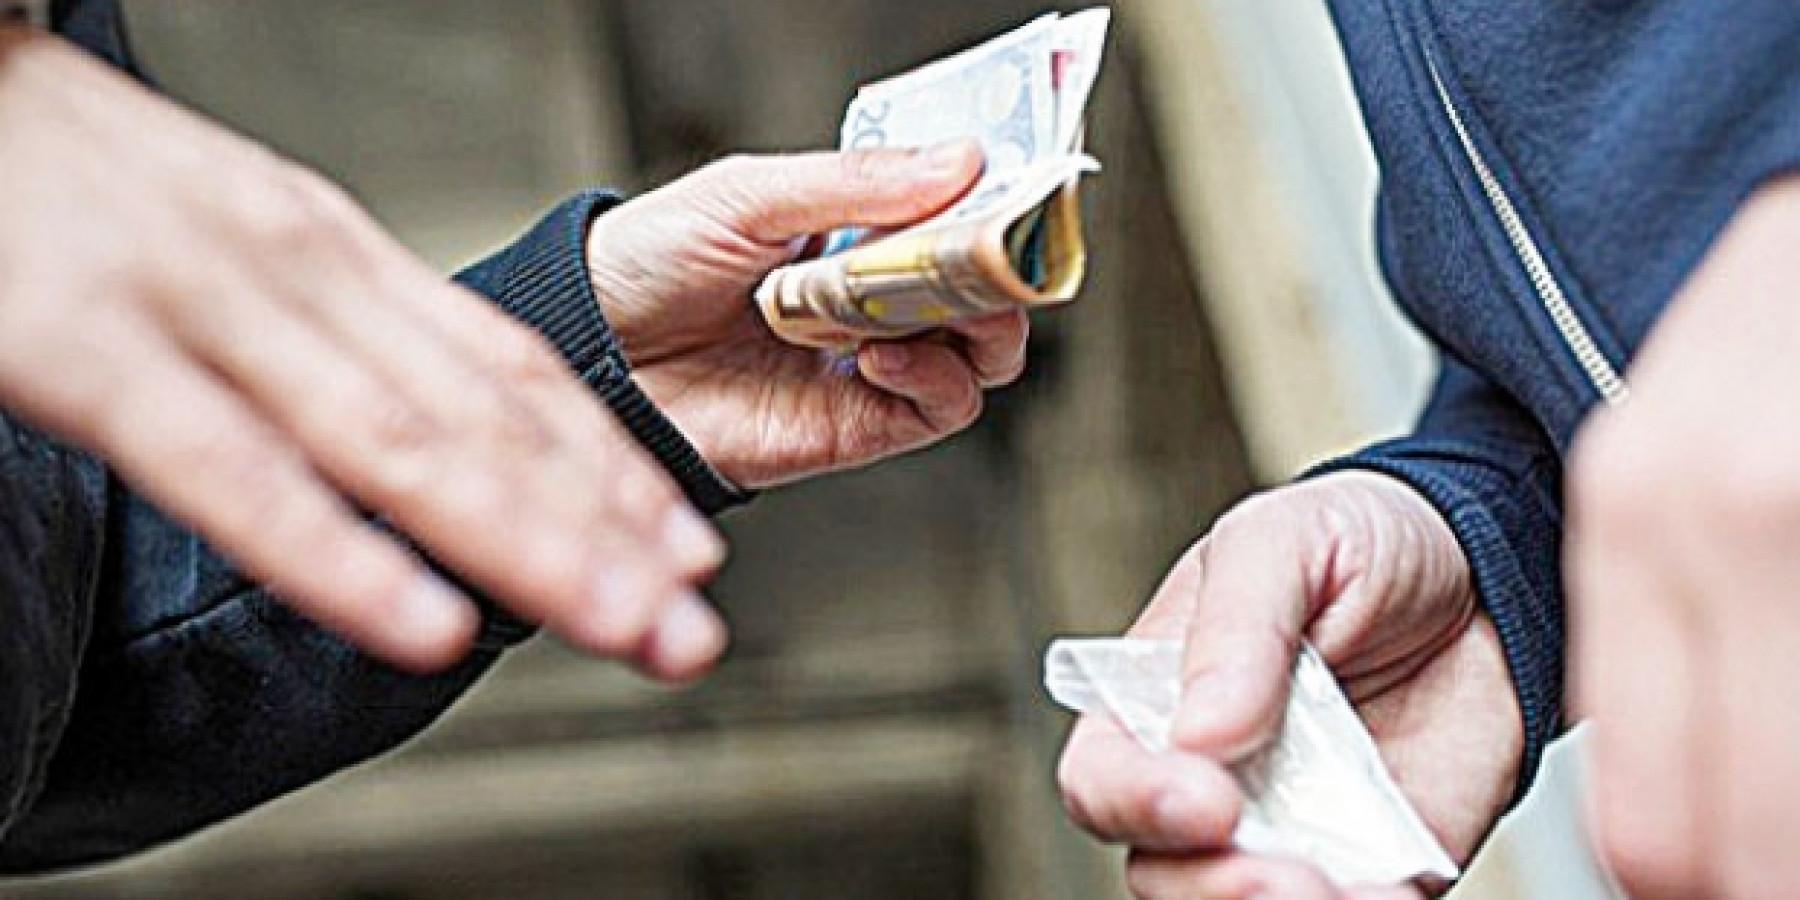 Nach Handel mit Betäubungsmitteln – Polizei findet Kokain im Baum